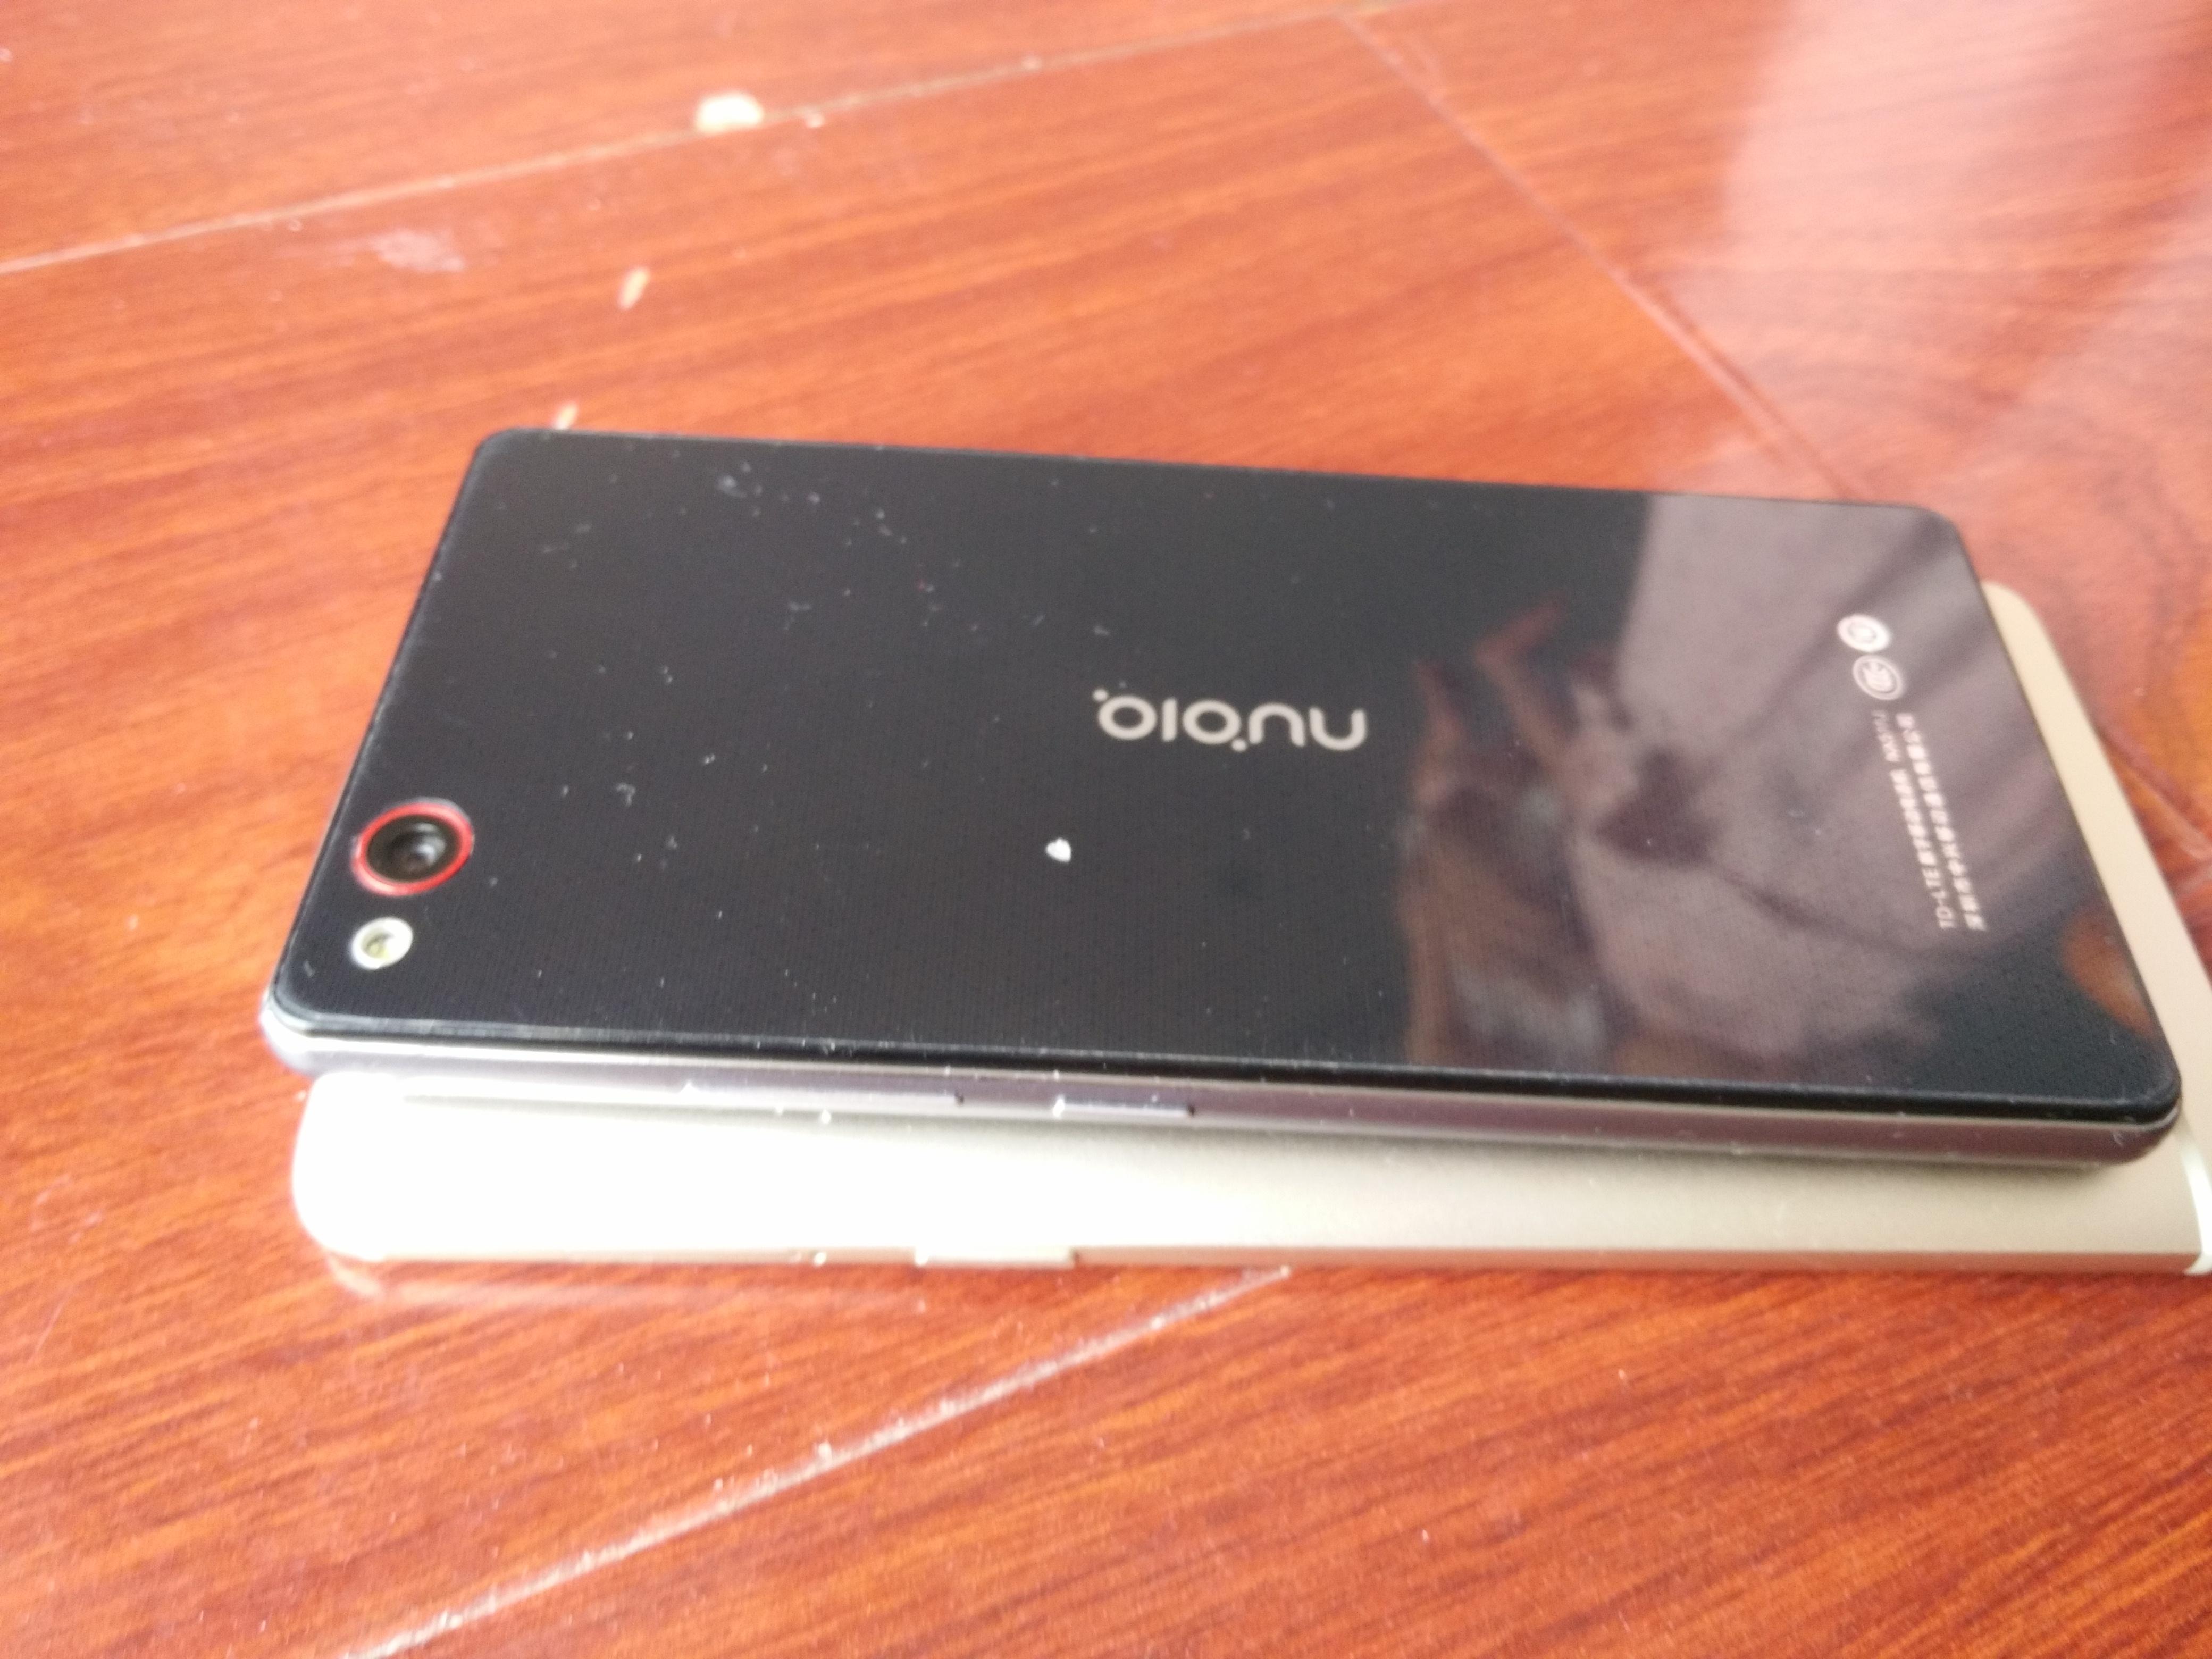 一加3与nubiaz9mini外观对比 OnePlus 3 一加手机社区官方论坛